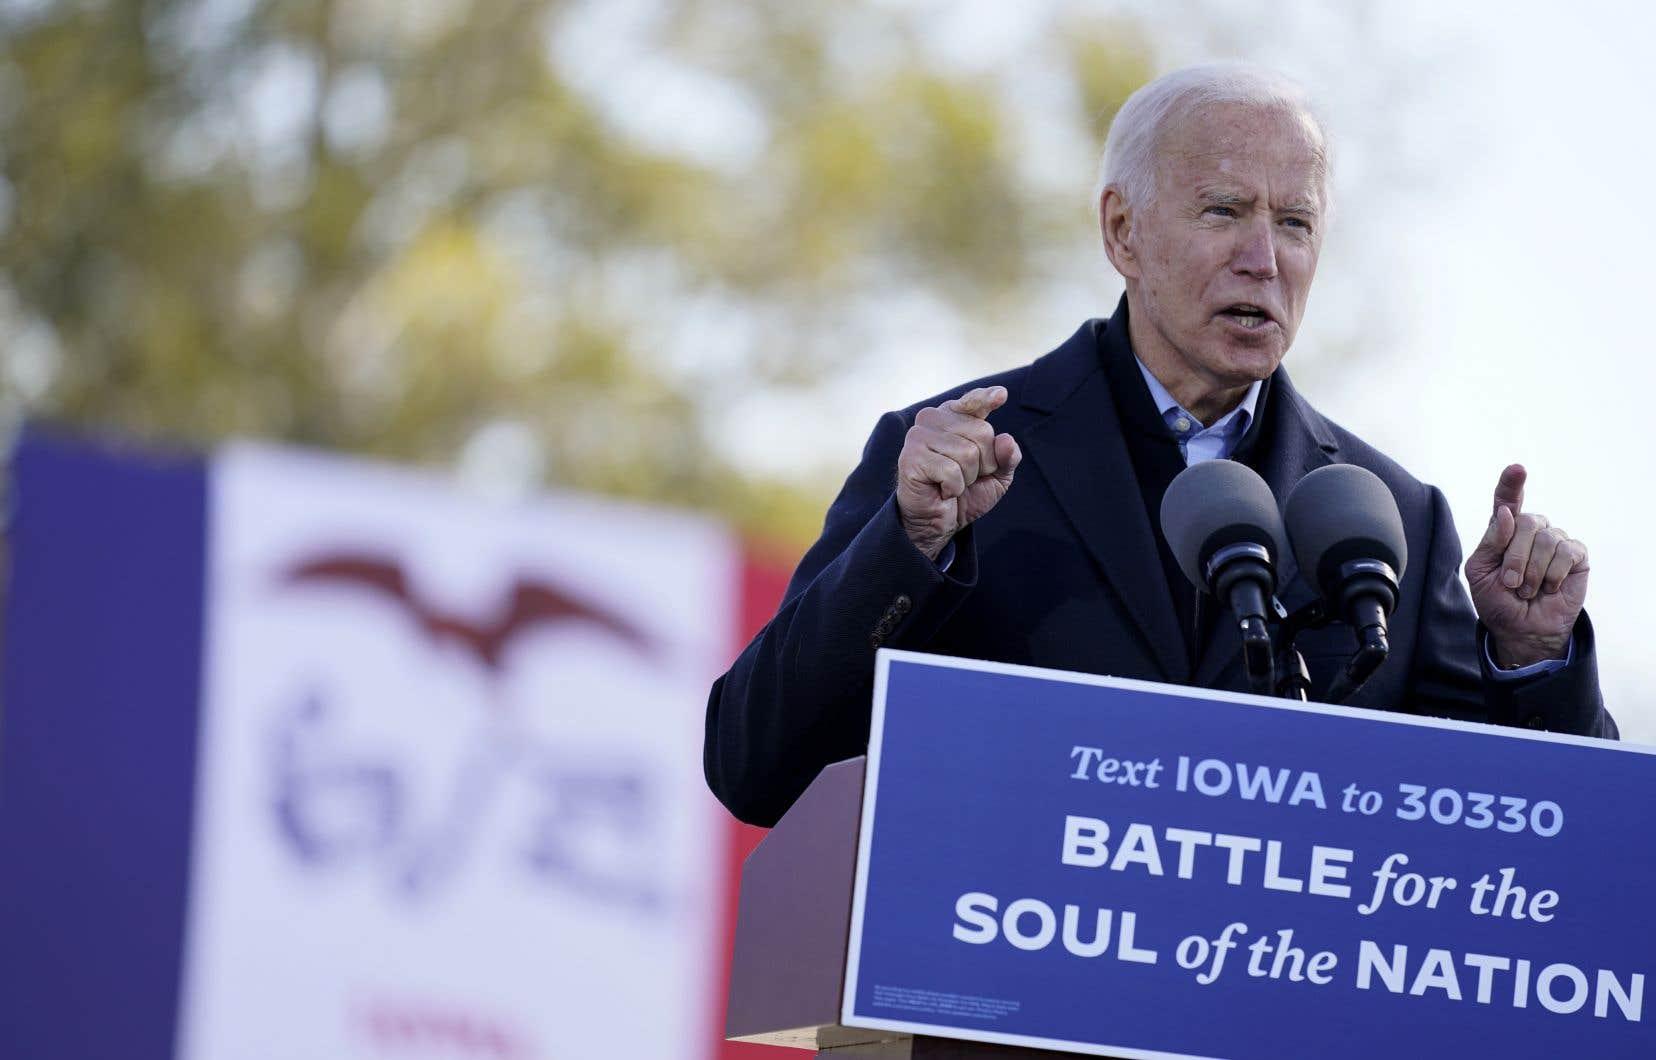 «Le candidat Biden, réputé pour son pragmatisme et son sens du compromis, n'a pas été jusqu'à maintenant clair sur les objectifs de sa politique étrangère, au-delà de son opposition à Trump et de son désir de réparer les pots cassés depuis quatre ans», écrit l'auteur.